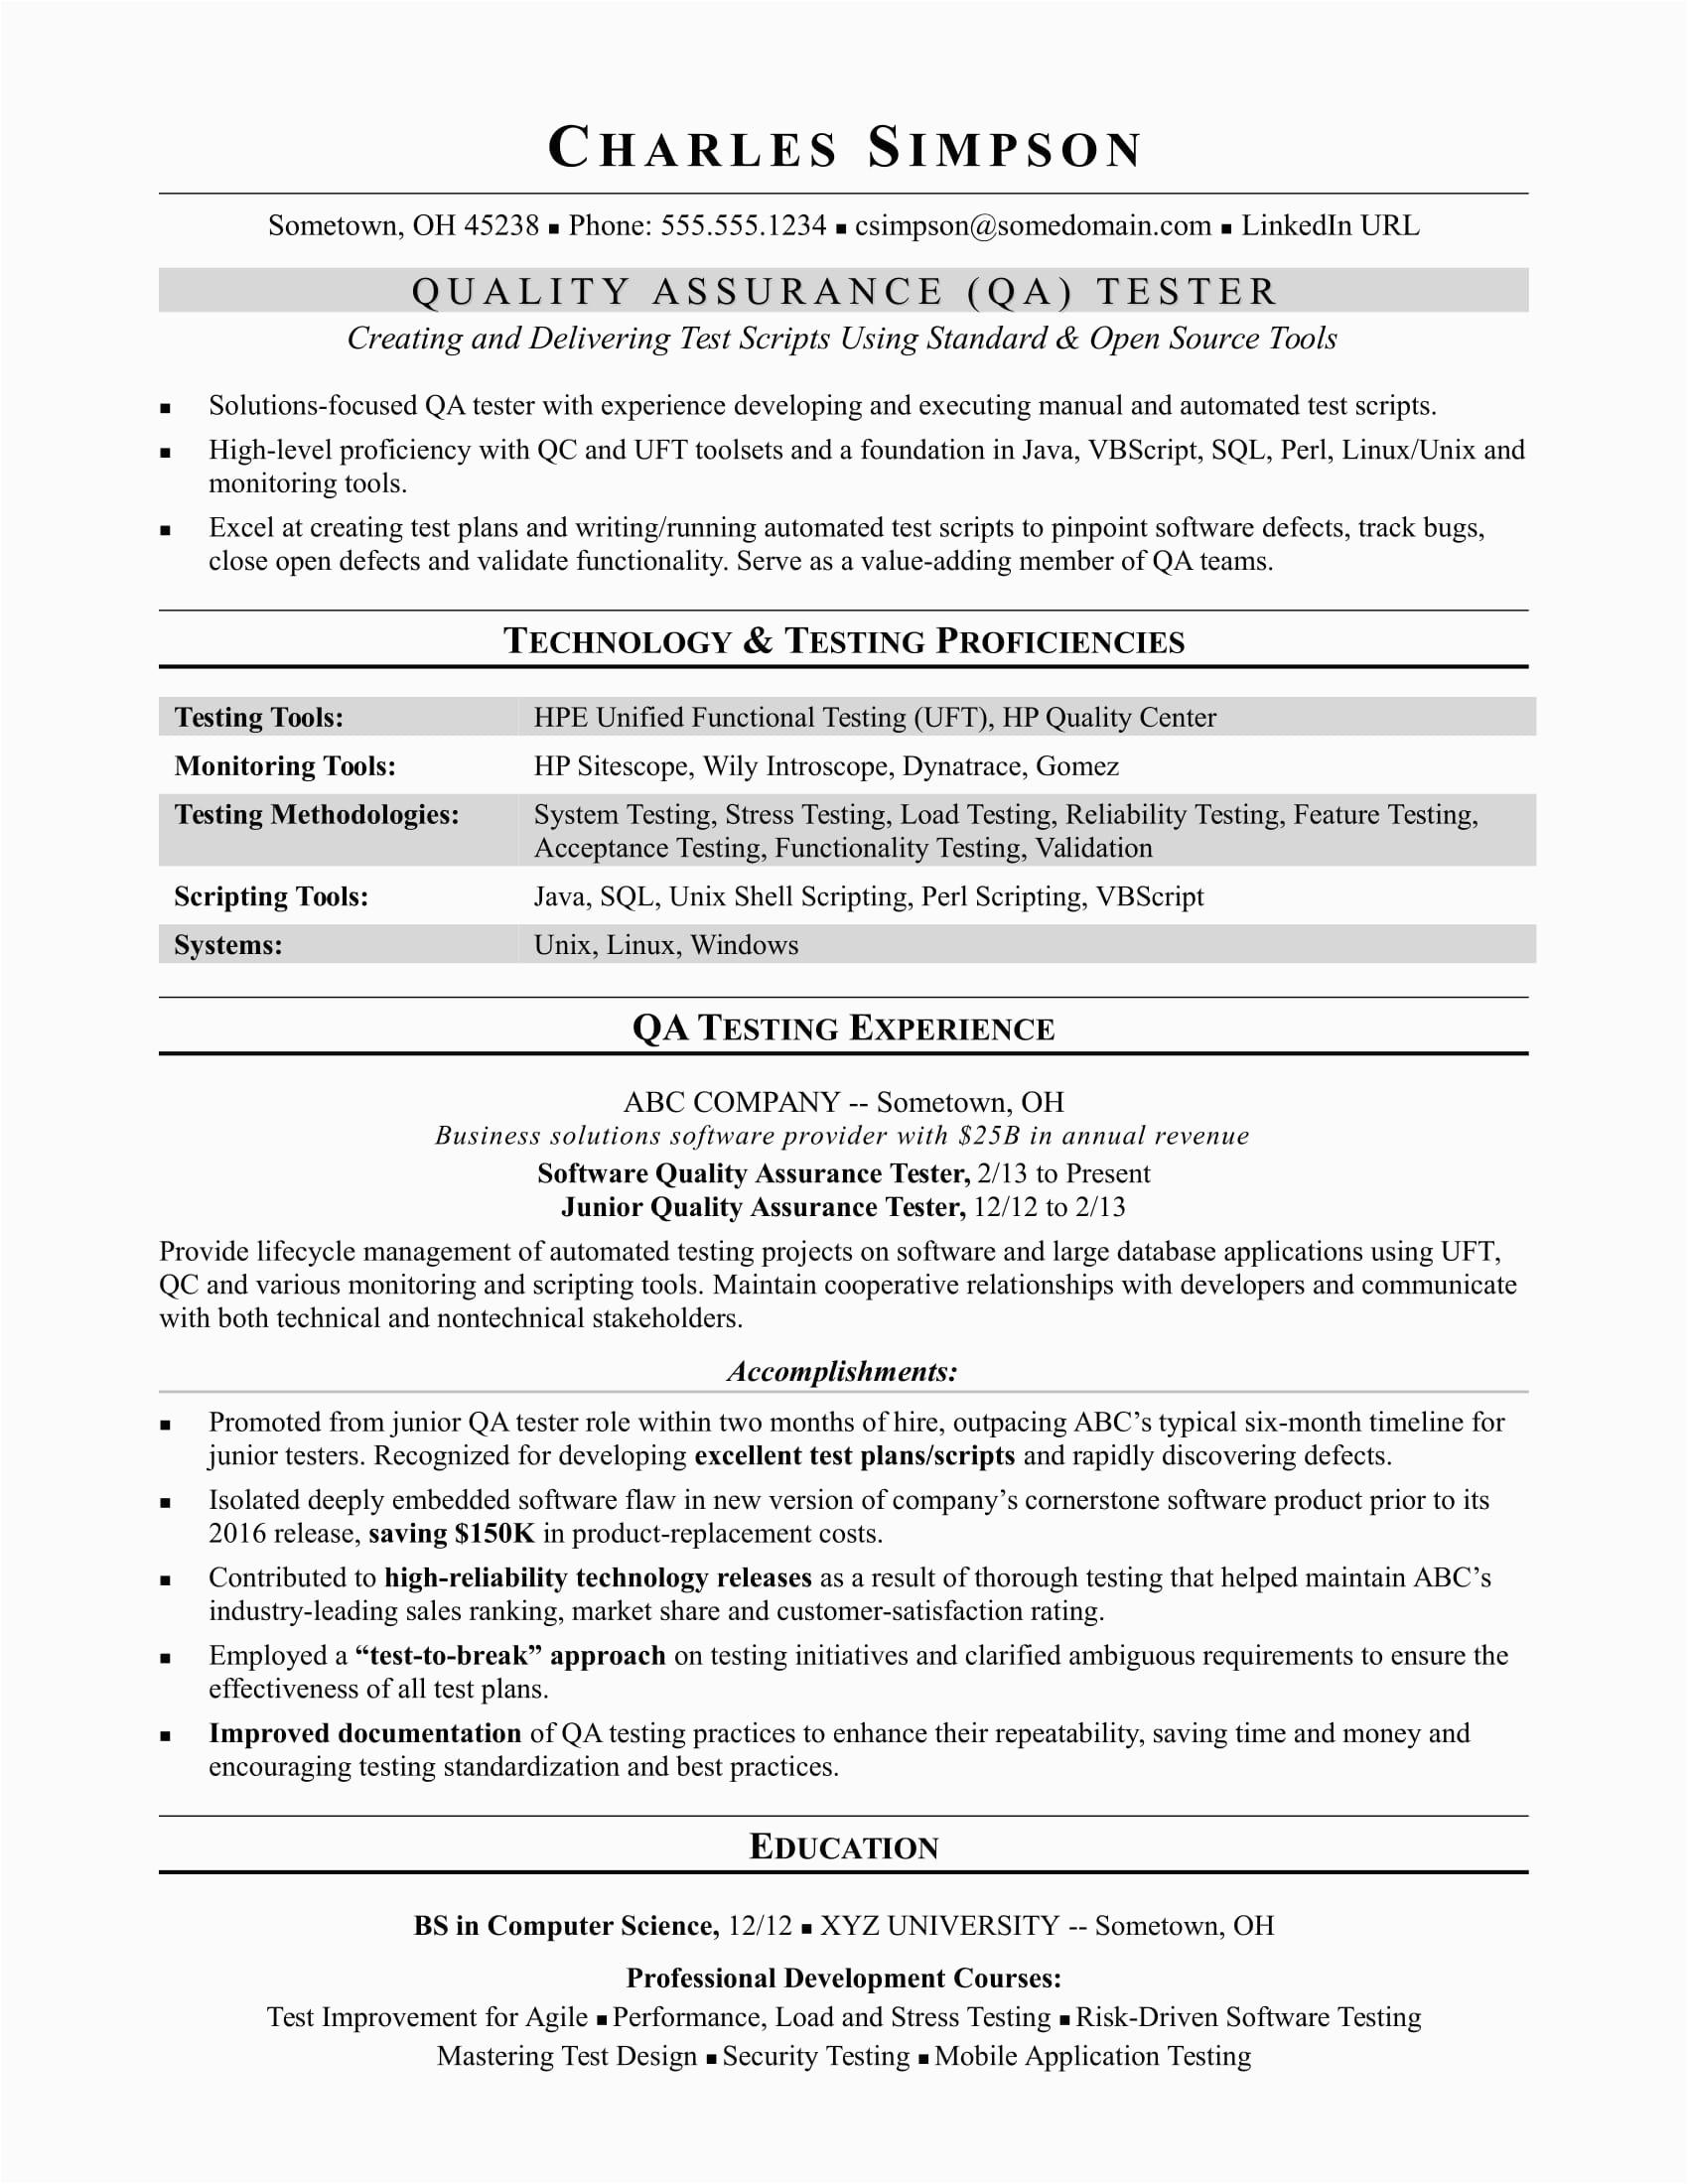 Sample Resume for Ecommerce Qa Tester 10 E Merce Qa Tester Resume Proposal Resume